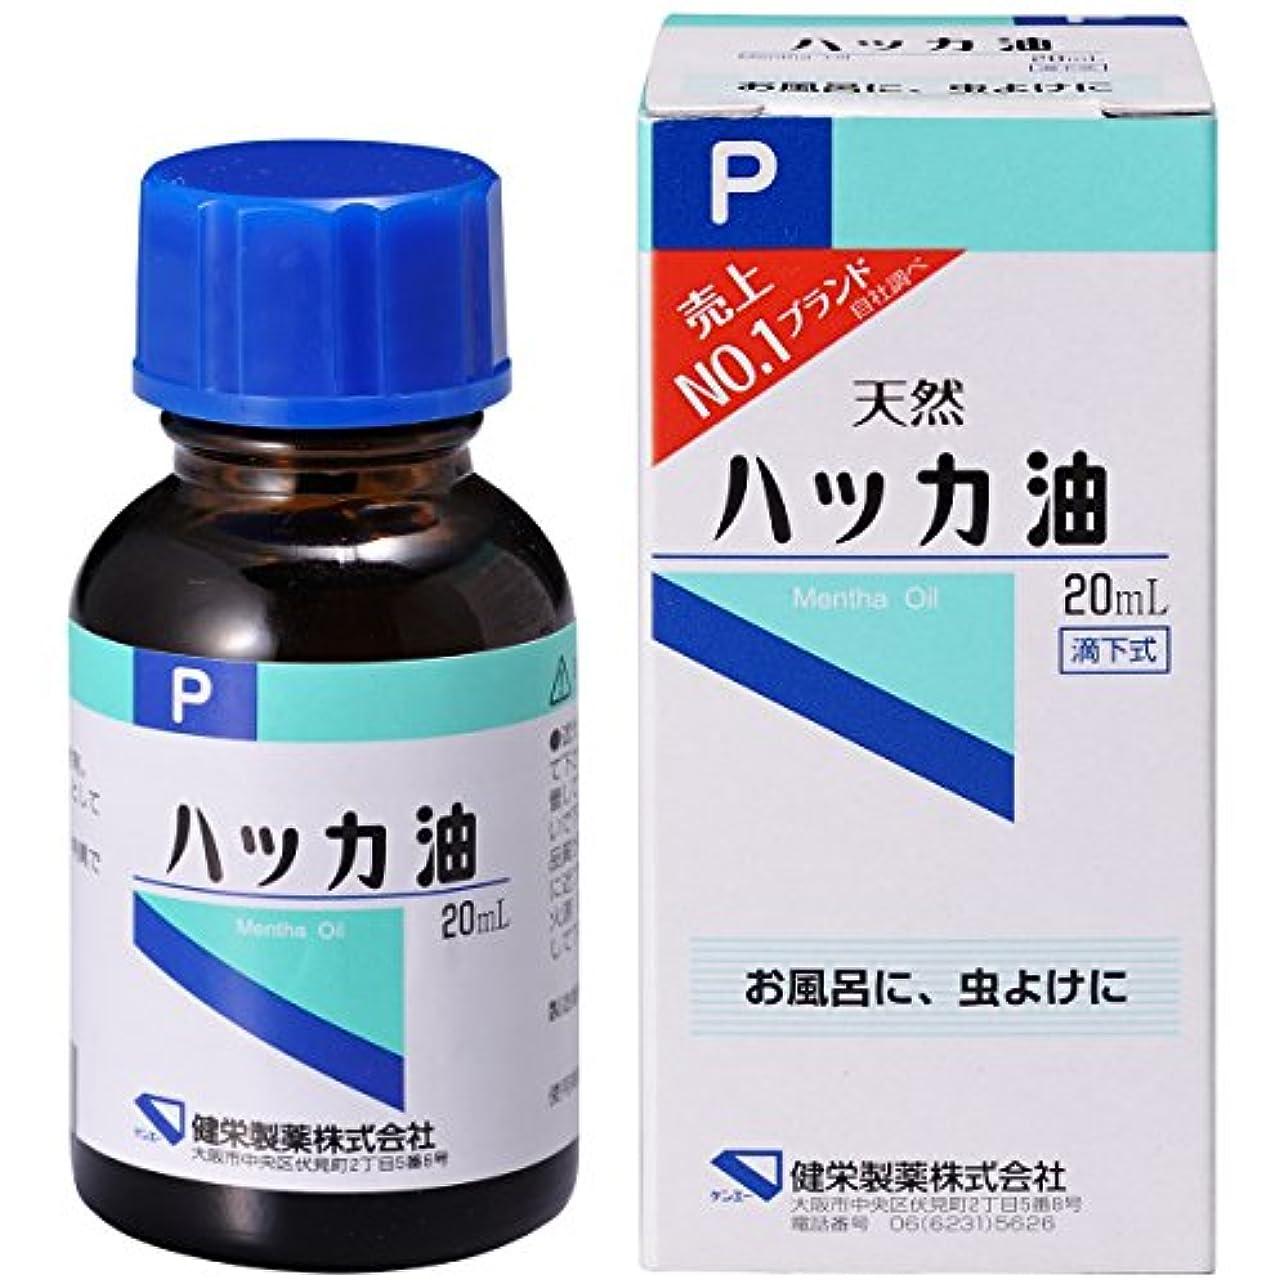 開梱体将来のハッカ油P 20ml